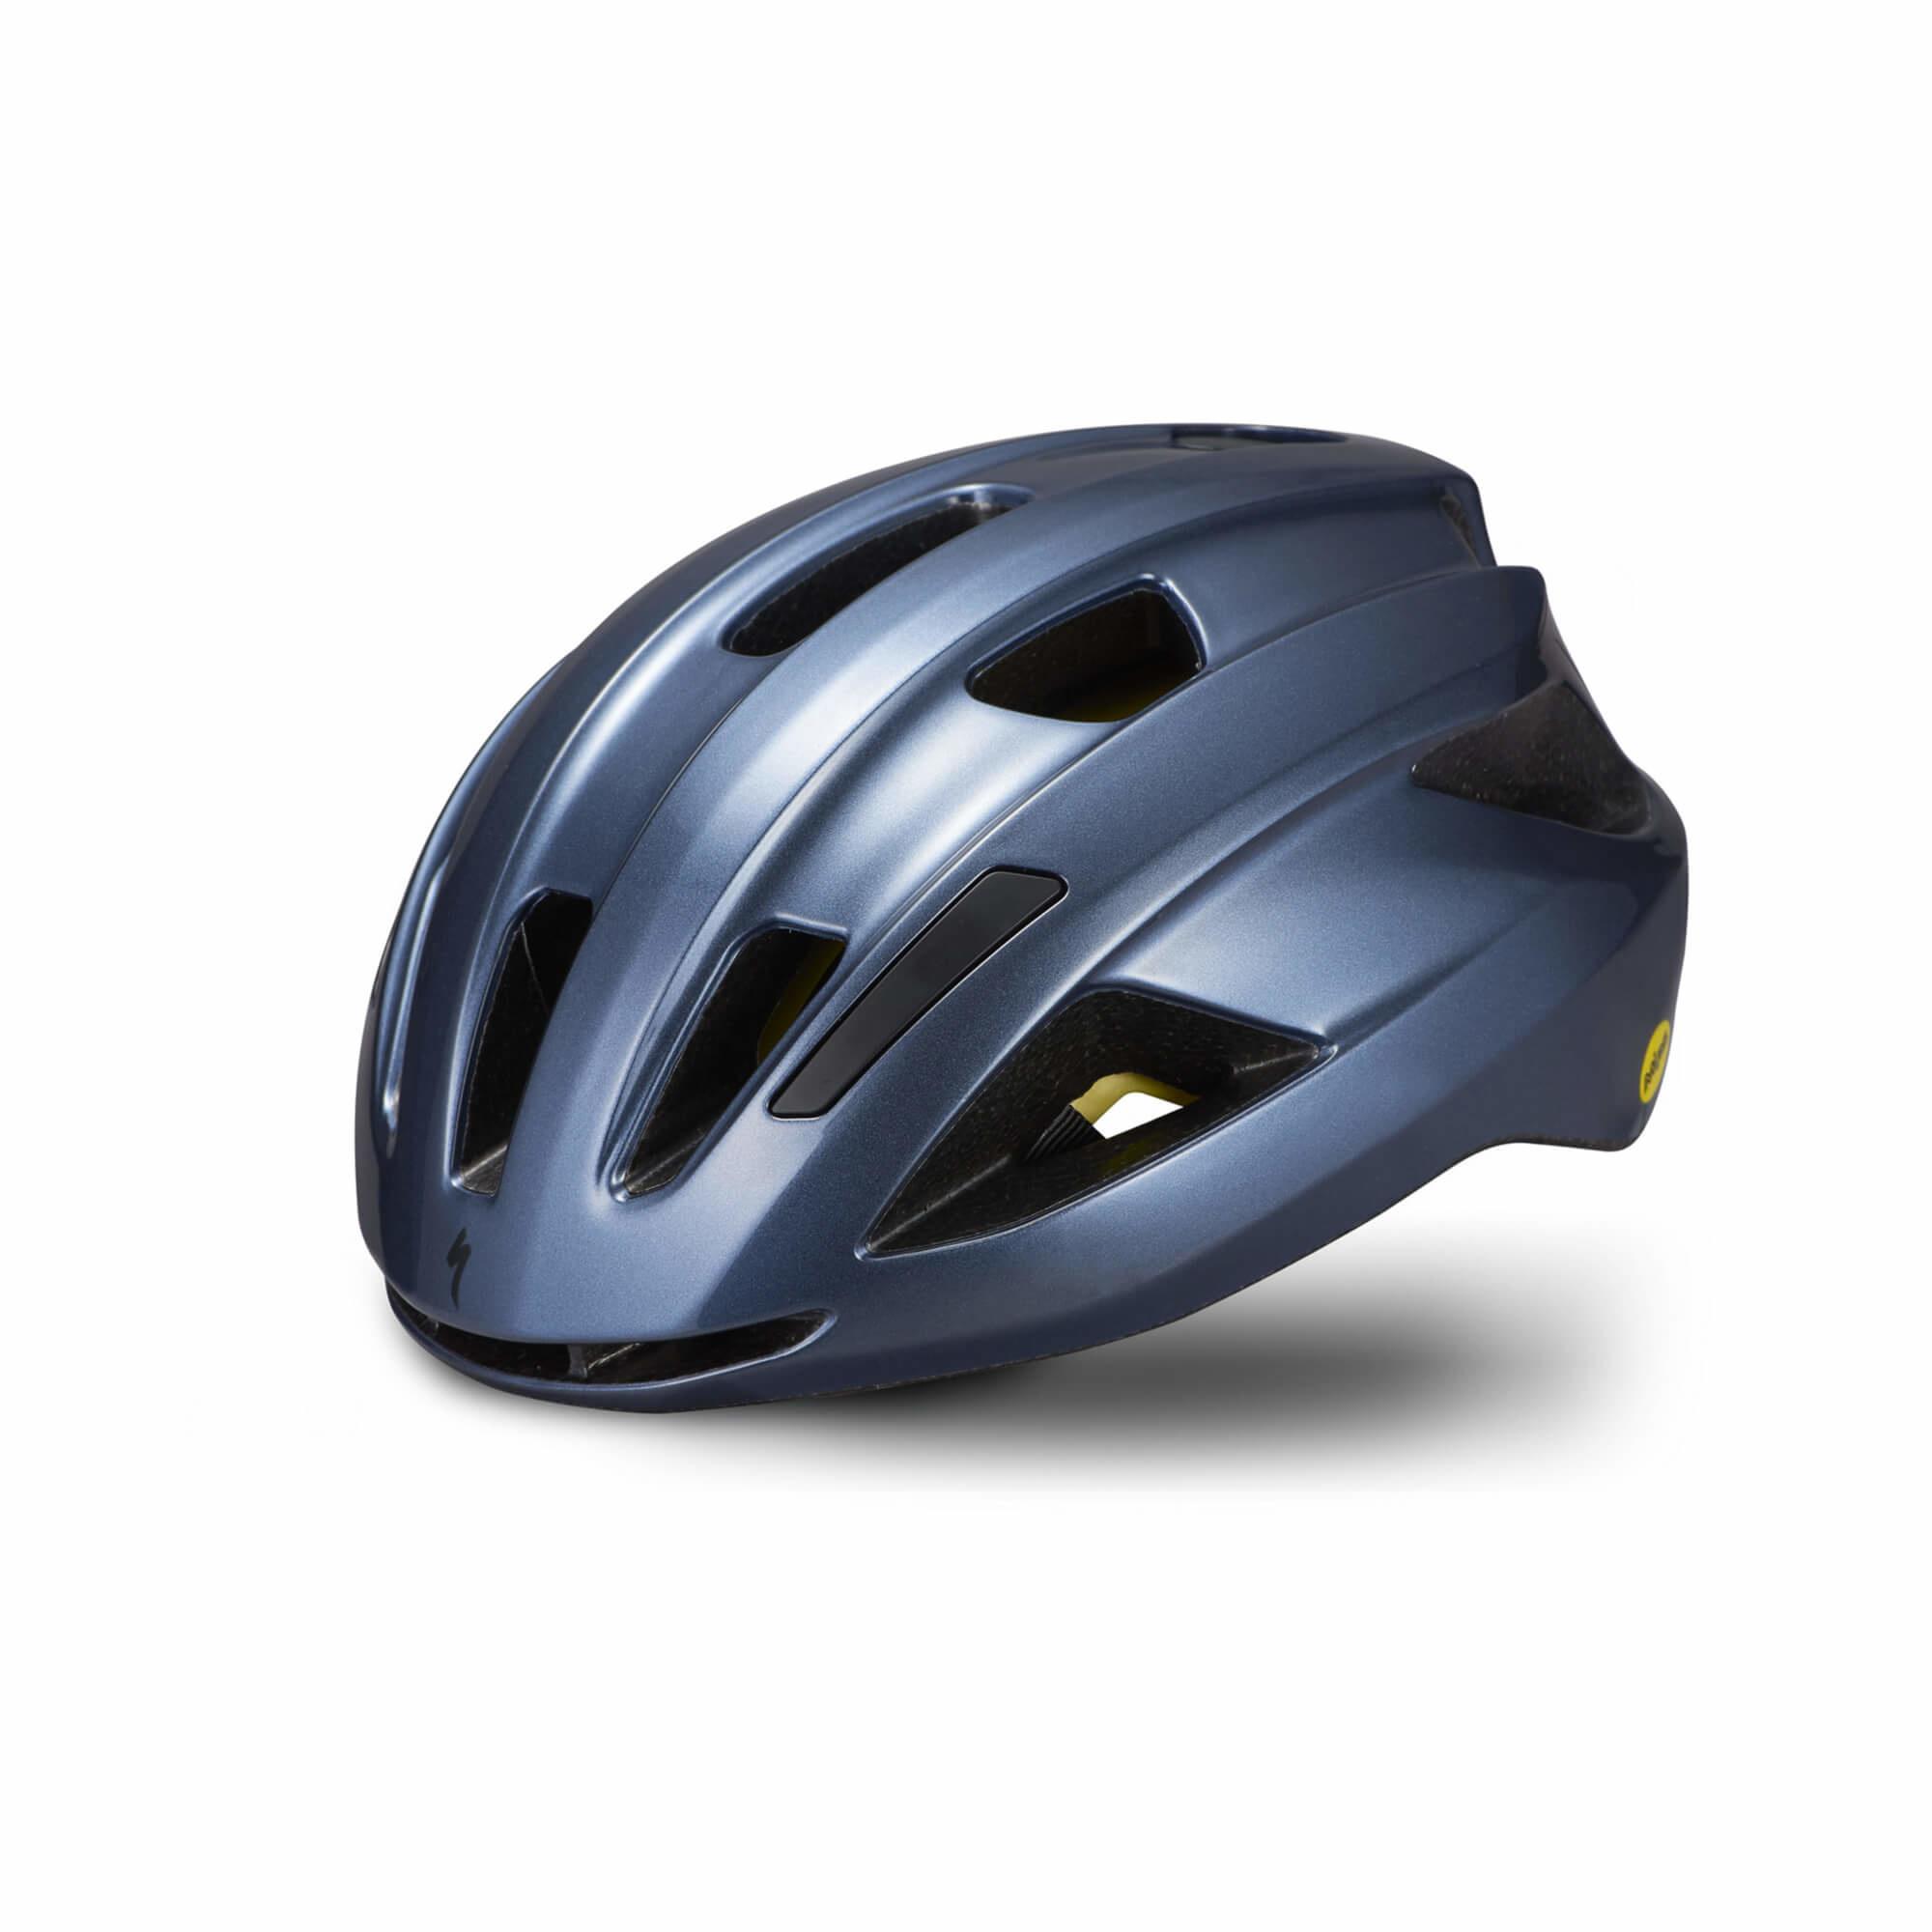 Align II Helmet Mips-5